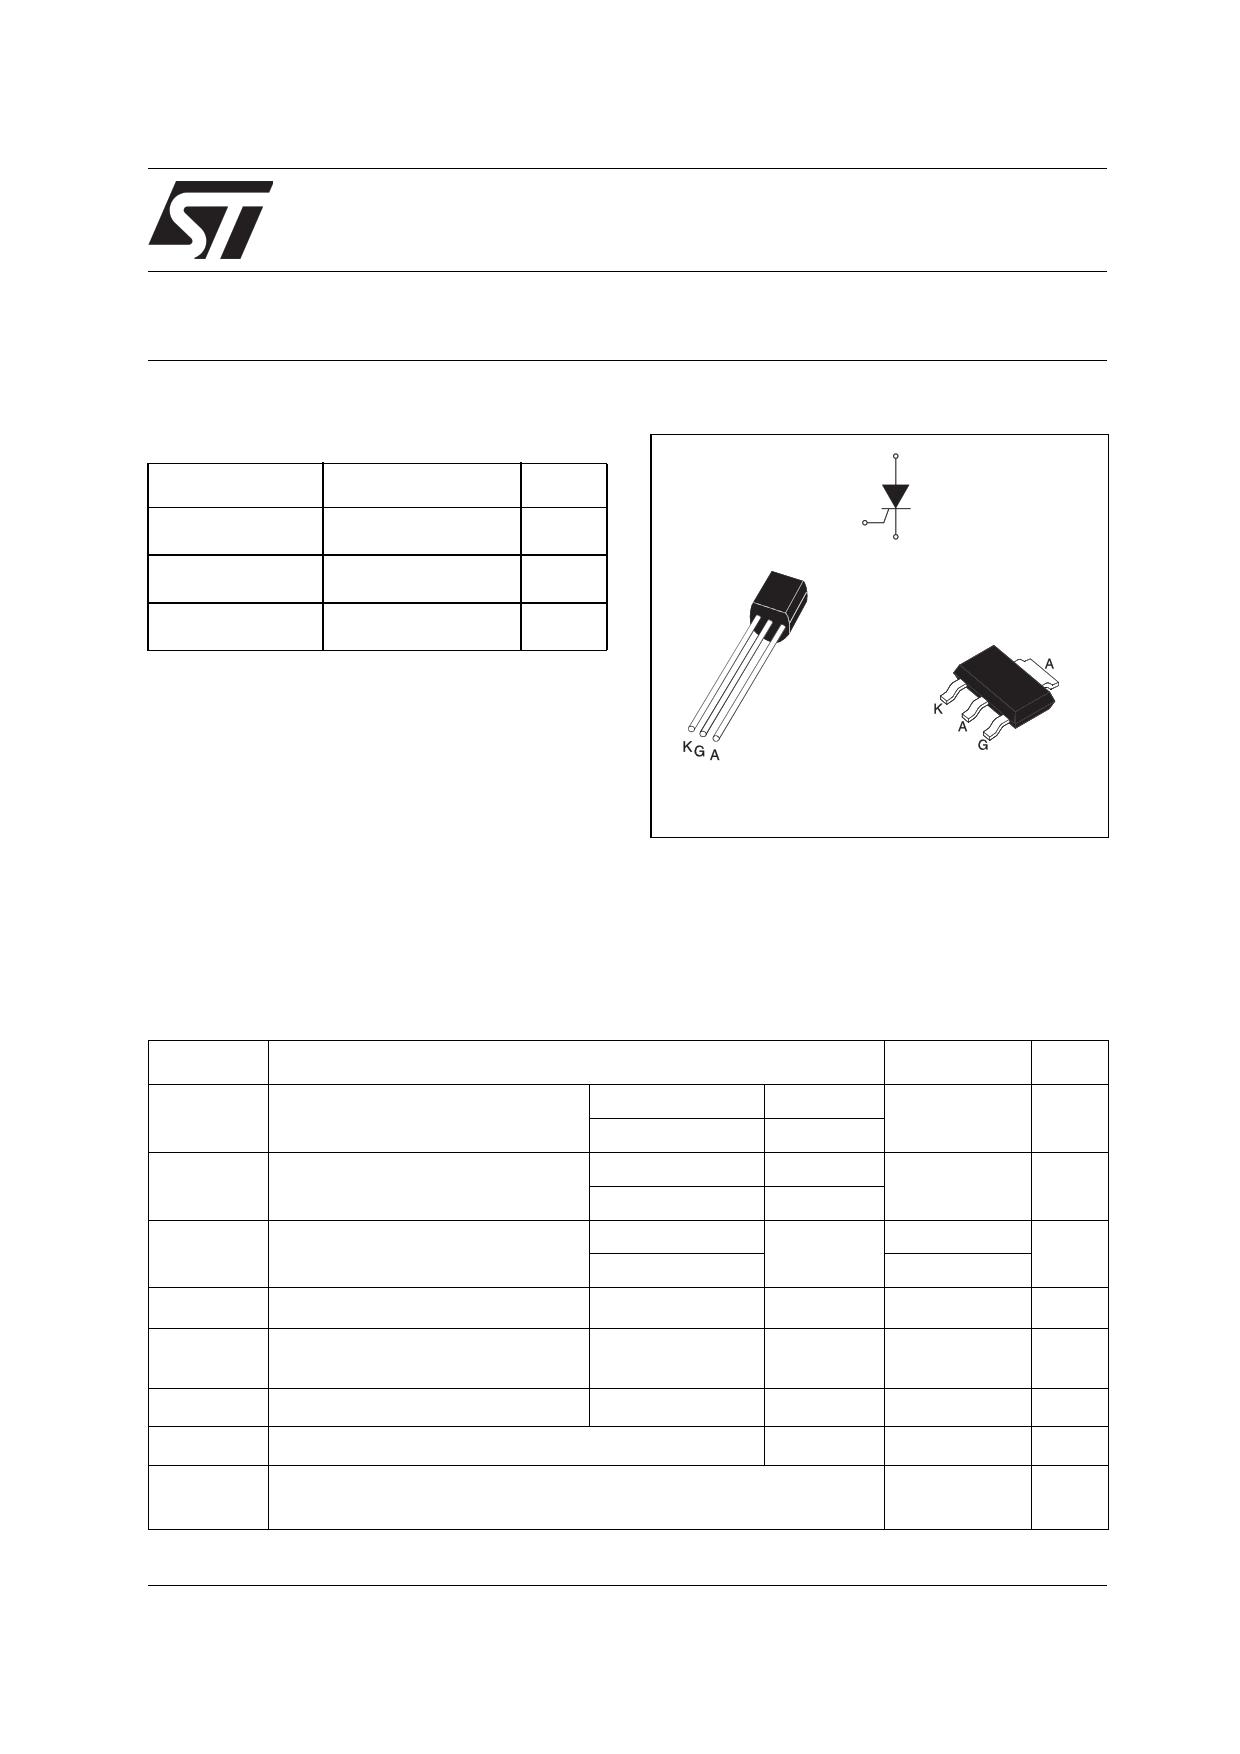 X0205MN Hoja de datos, Descripción, Manual